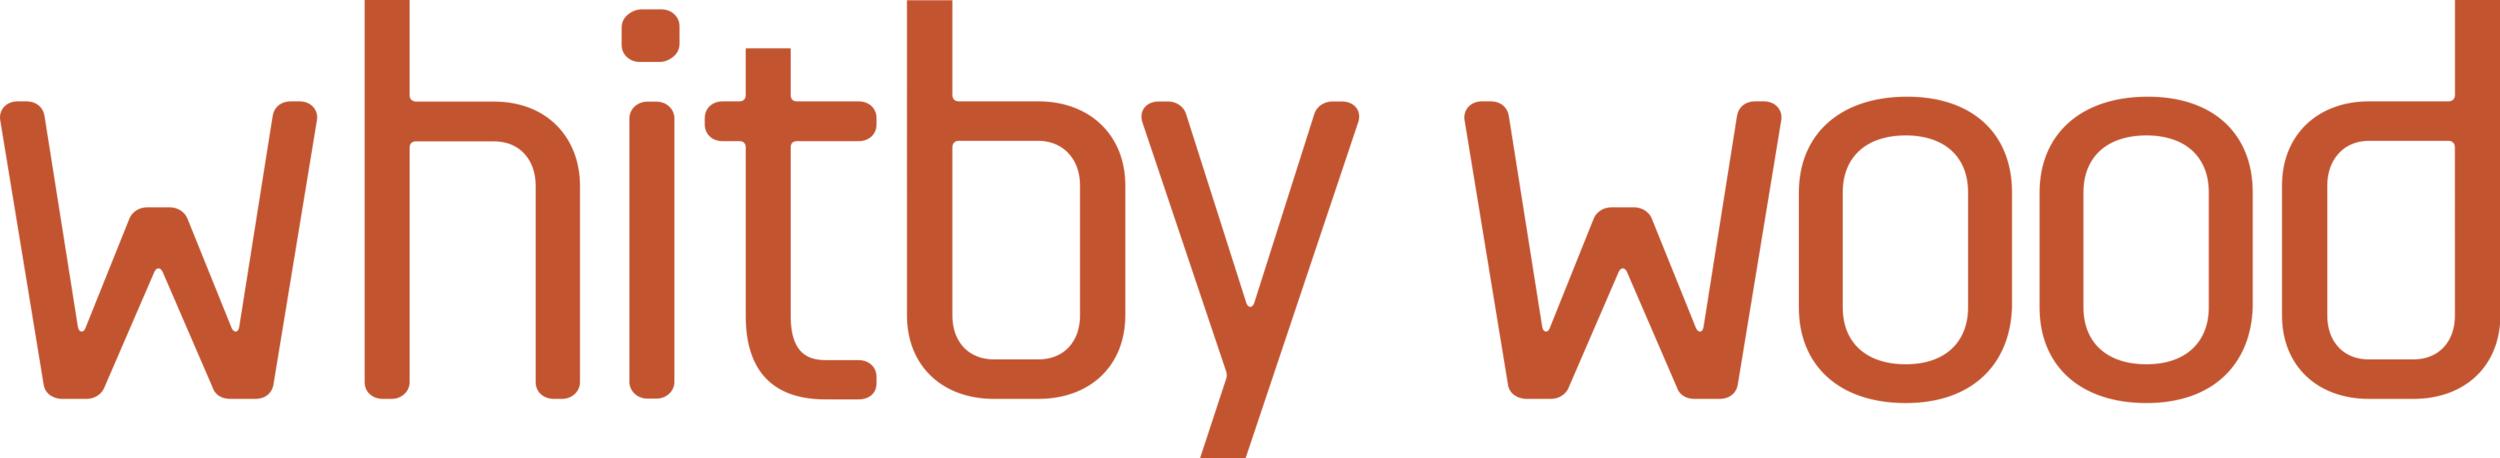 whitbywood_signage_CMYK.png